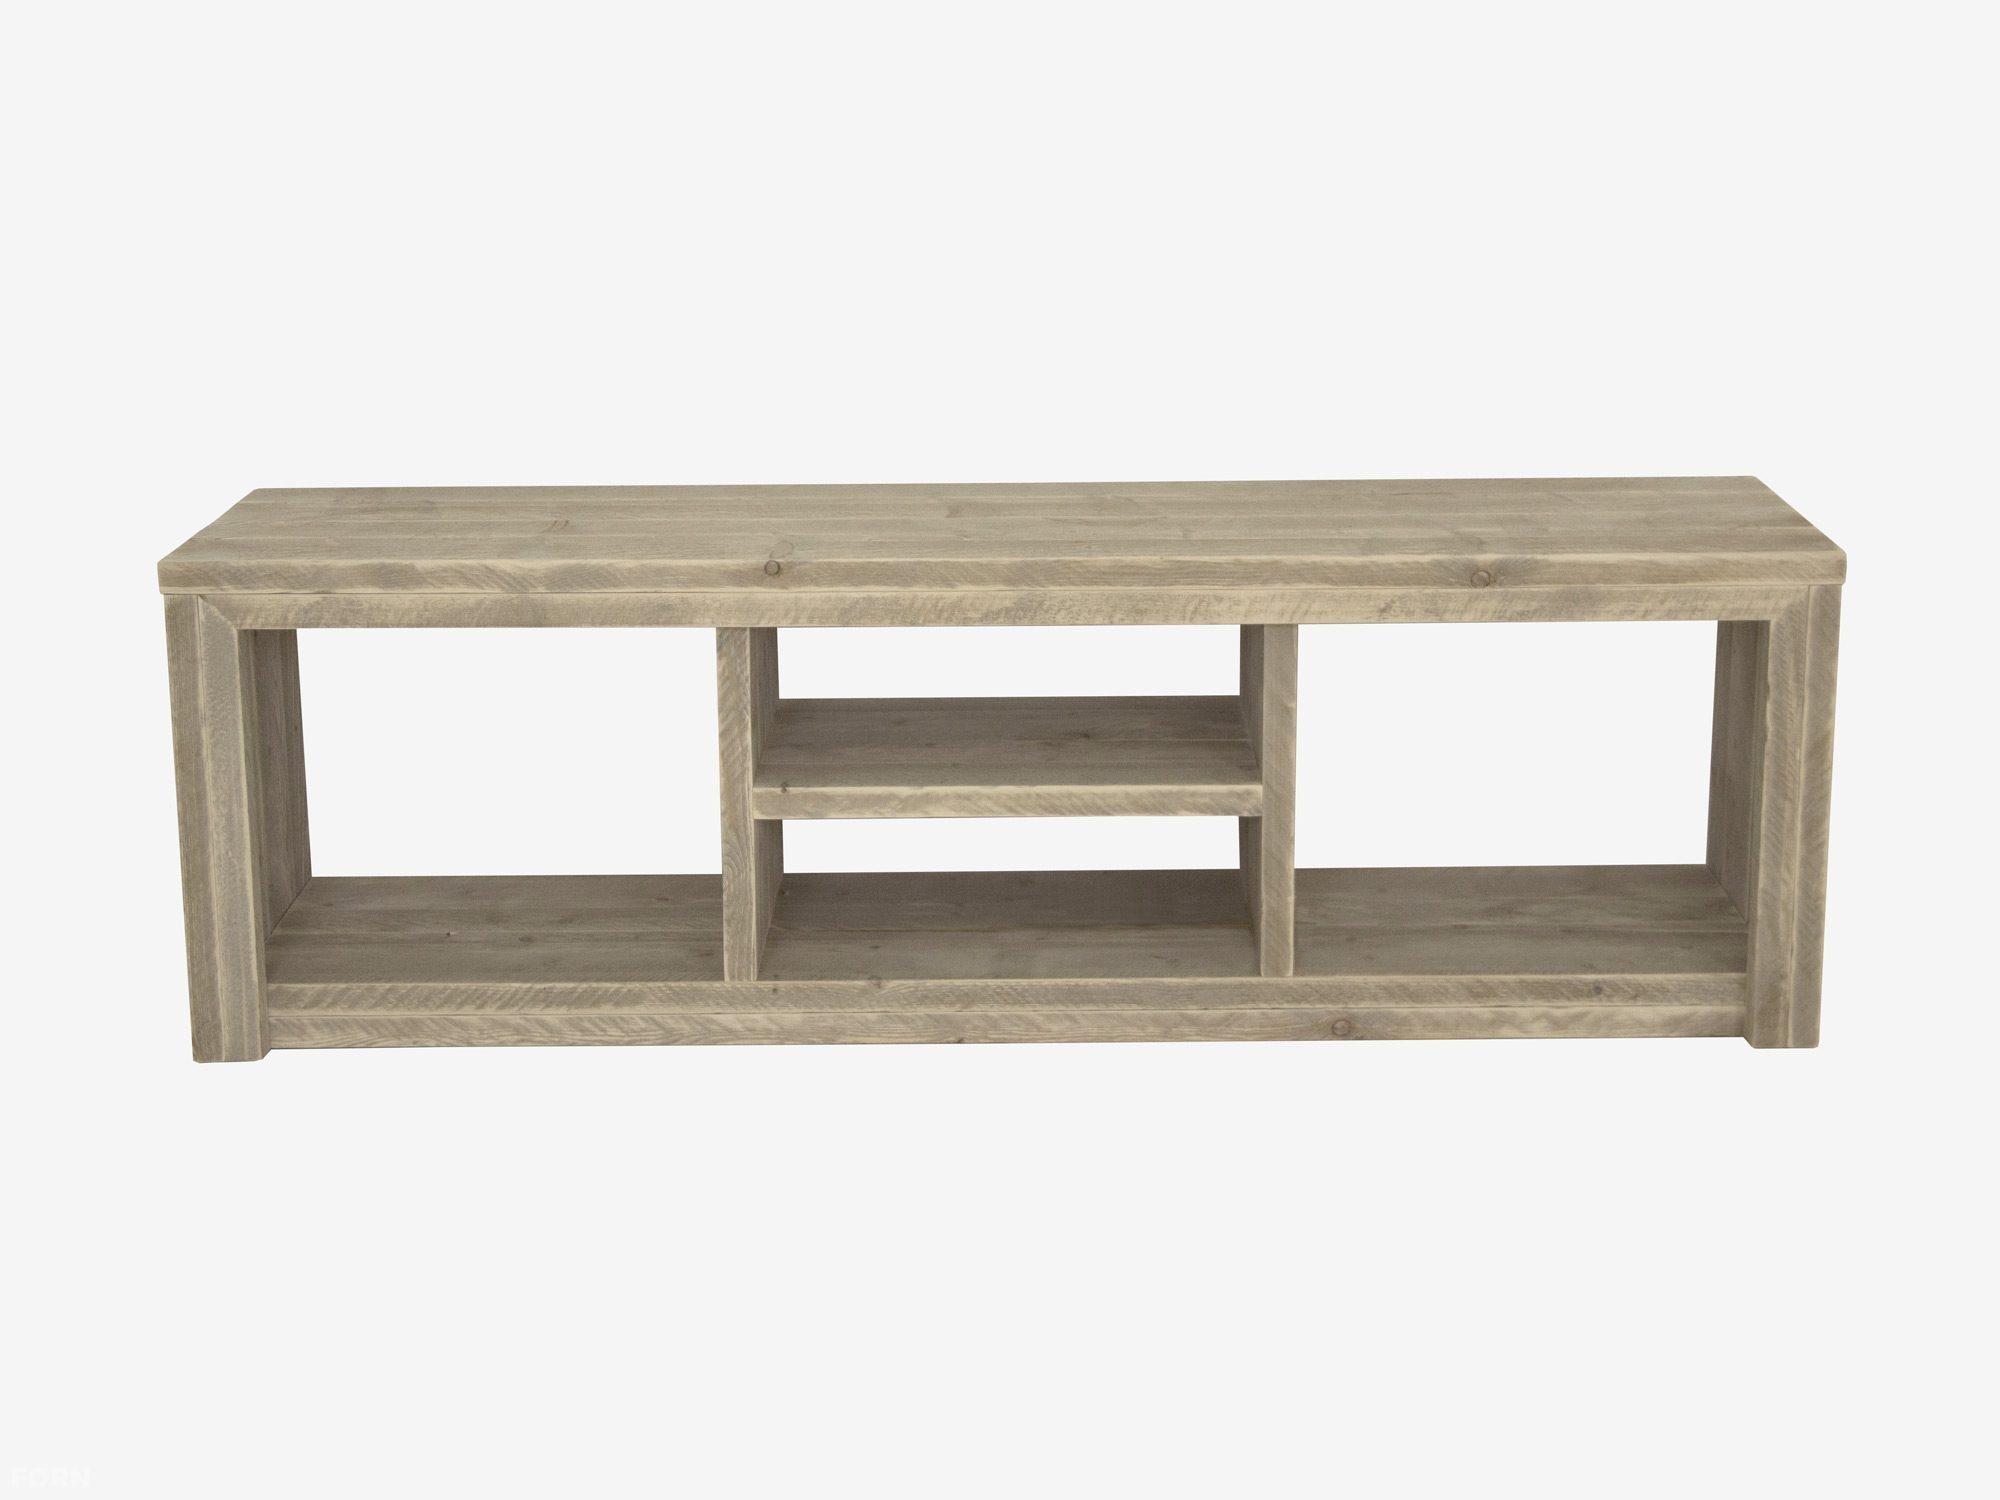 Jahnke Tv Meubel : Tv meubel manchester meubel tafel ricatech rmct with tv meubel